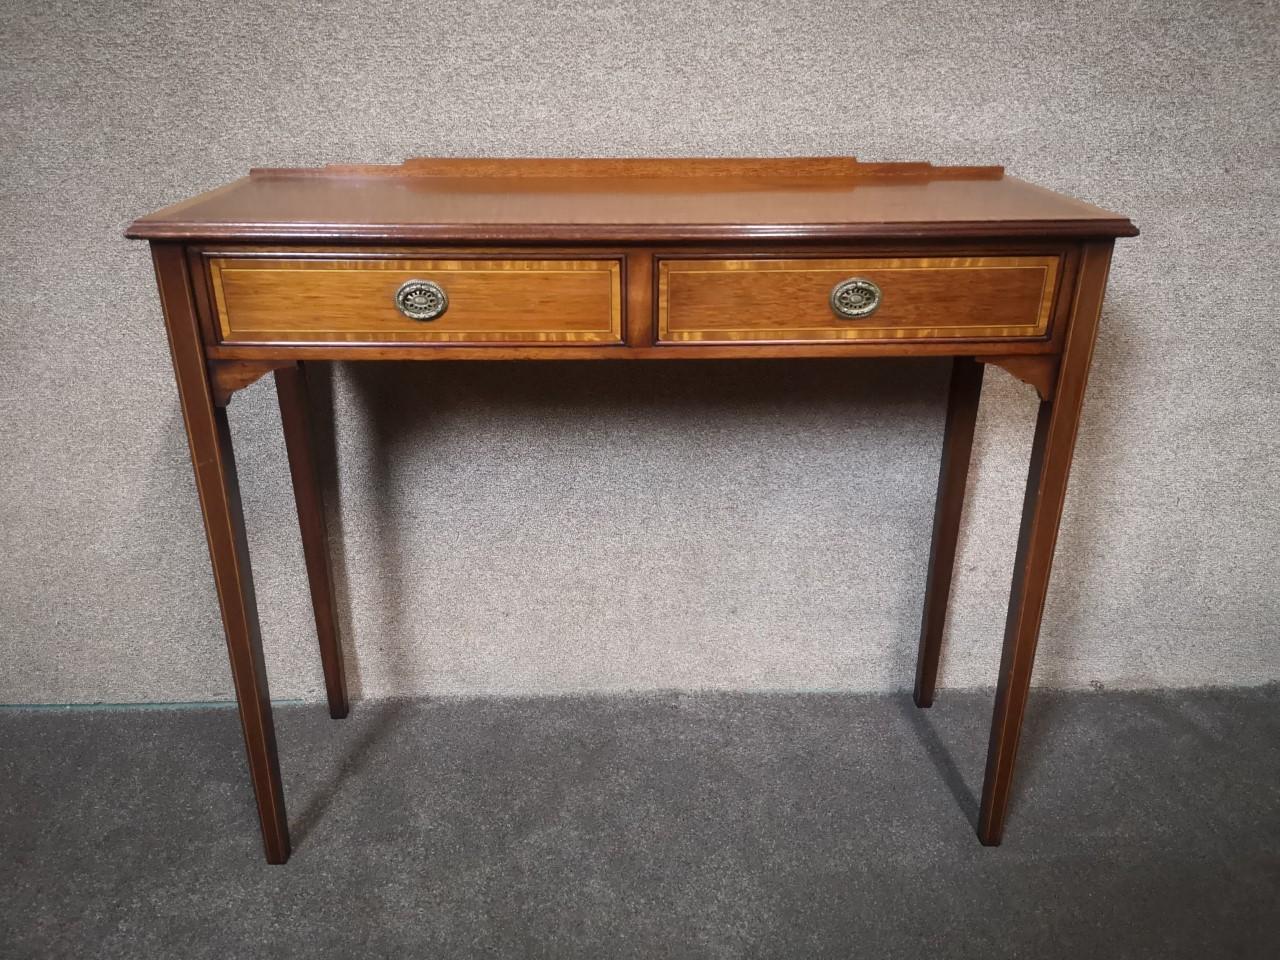 Inlaid mahogany table画像